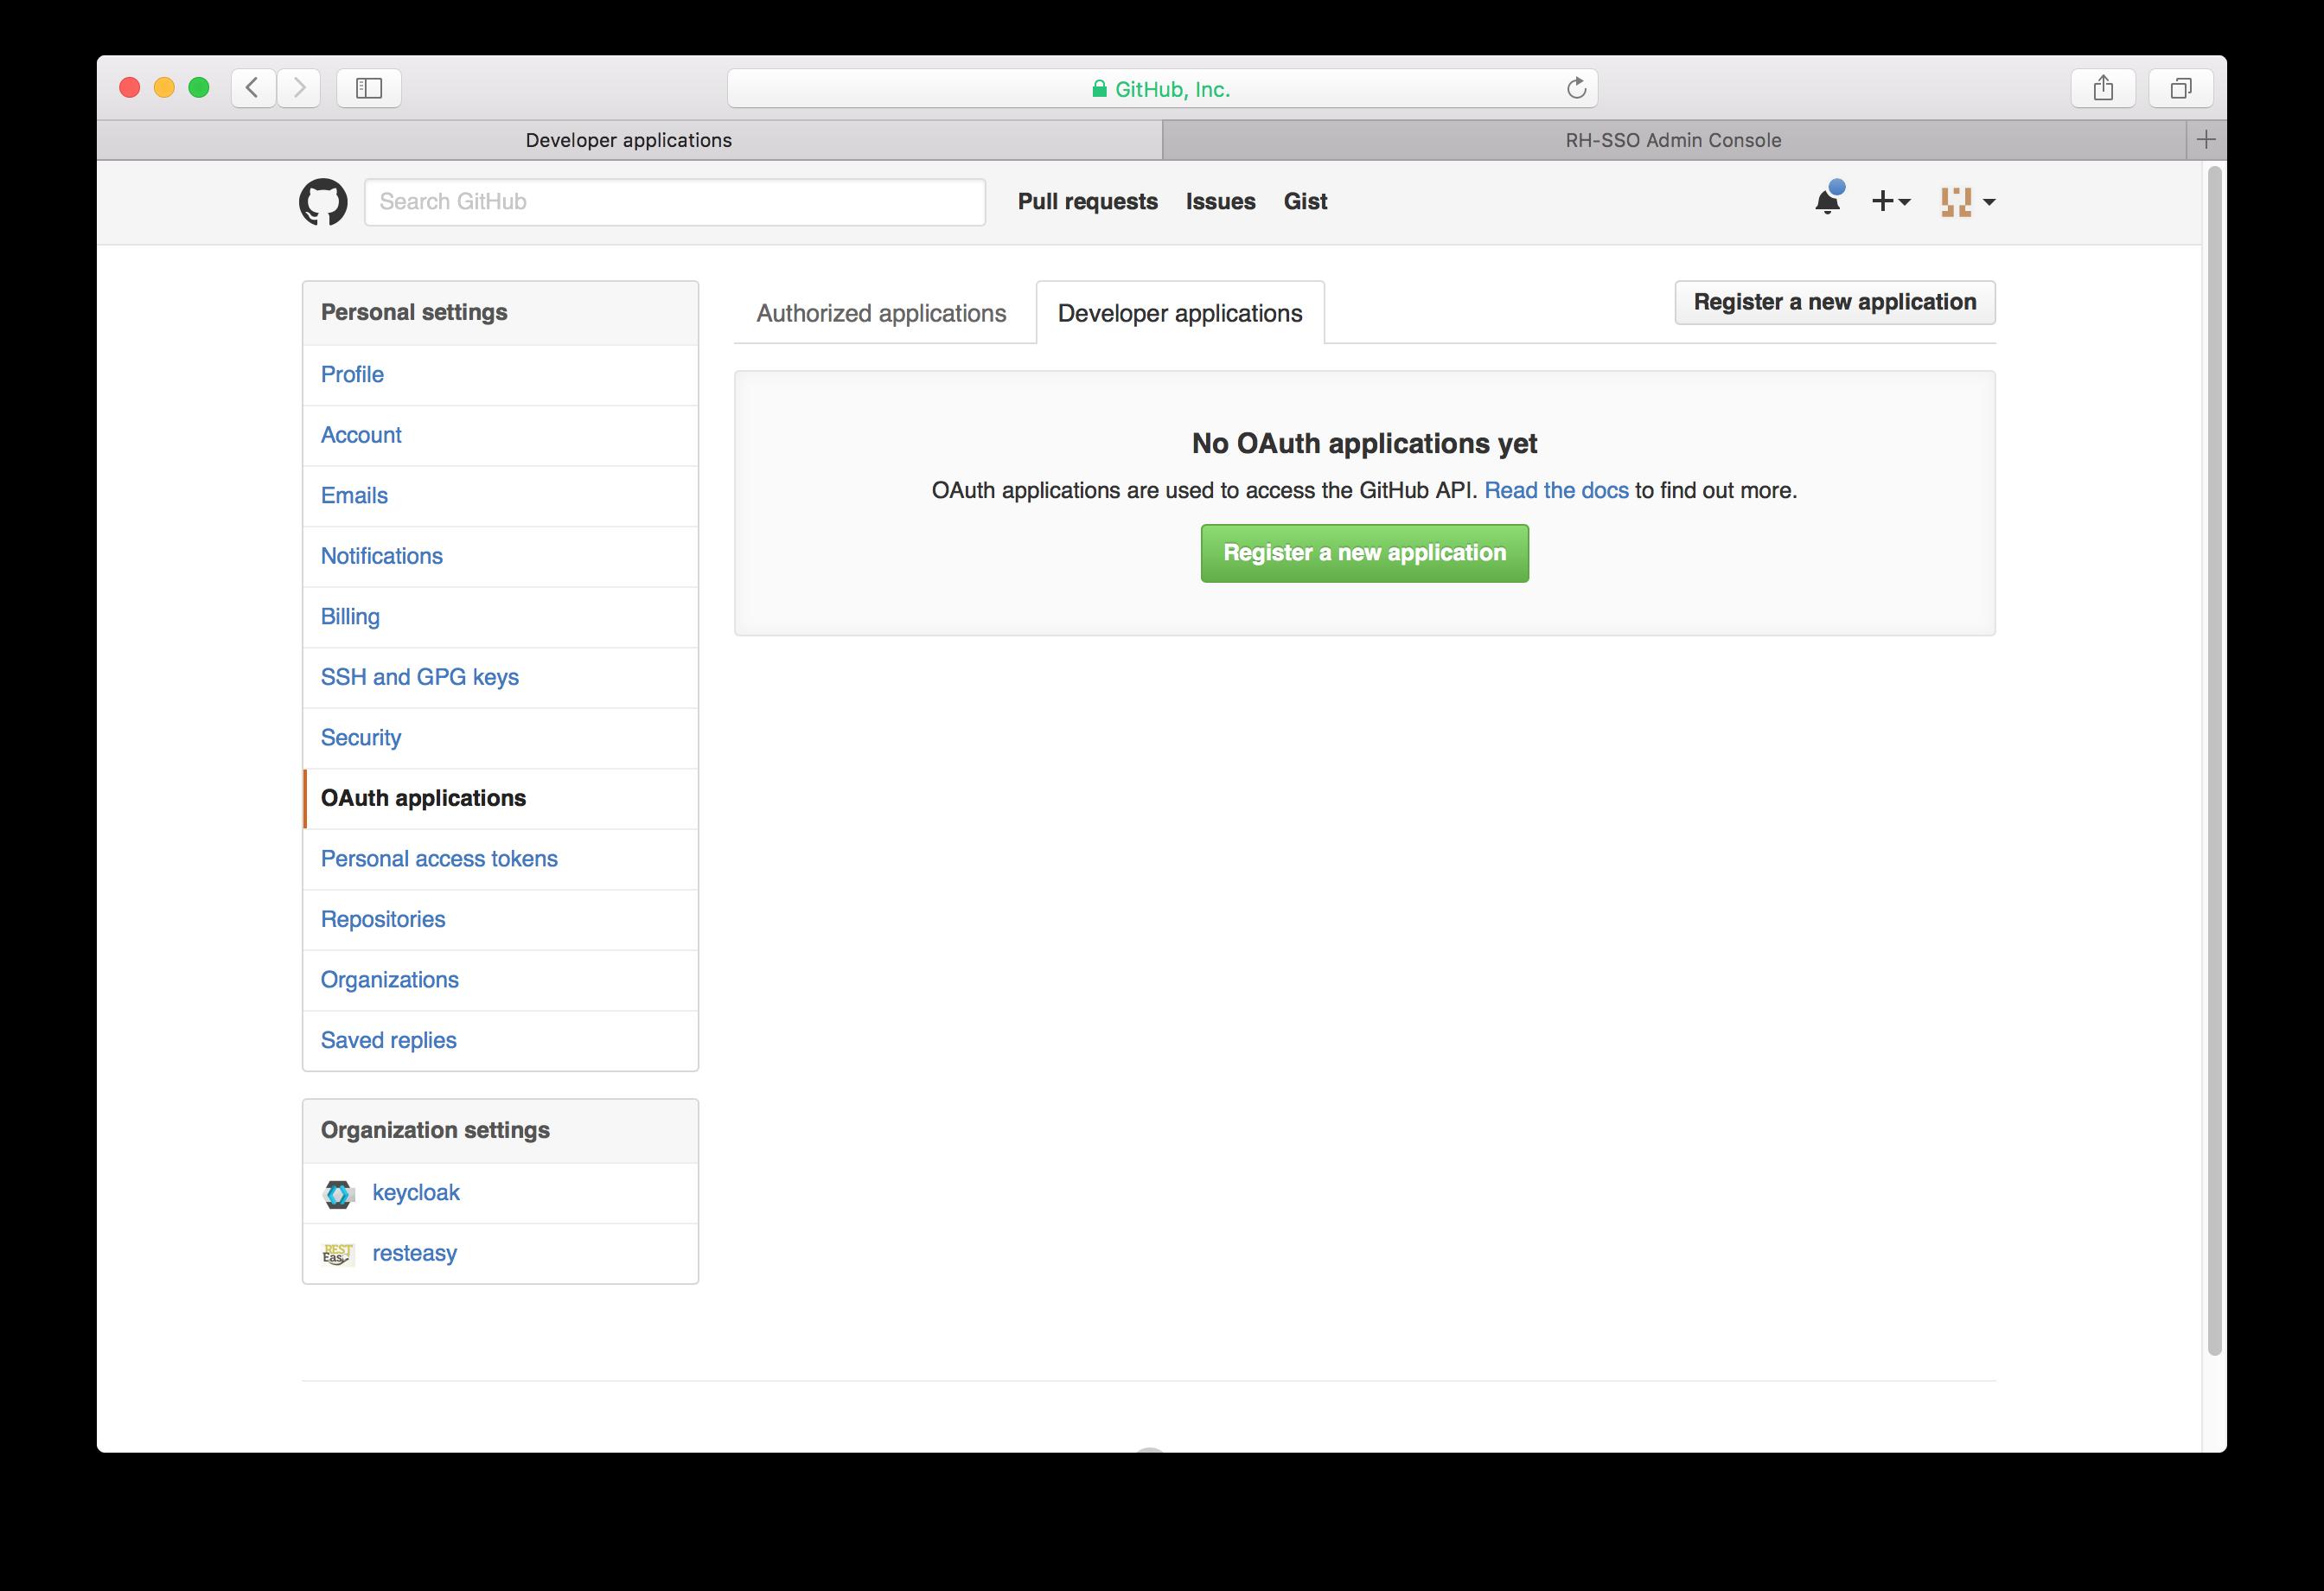 github developer applications